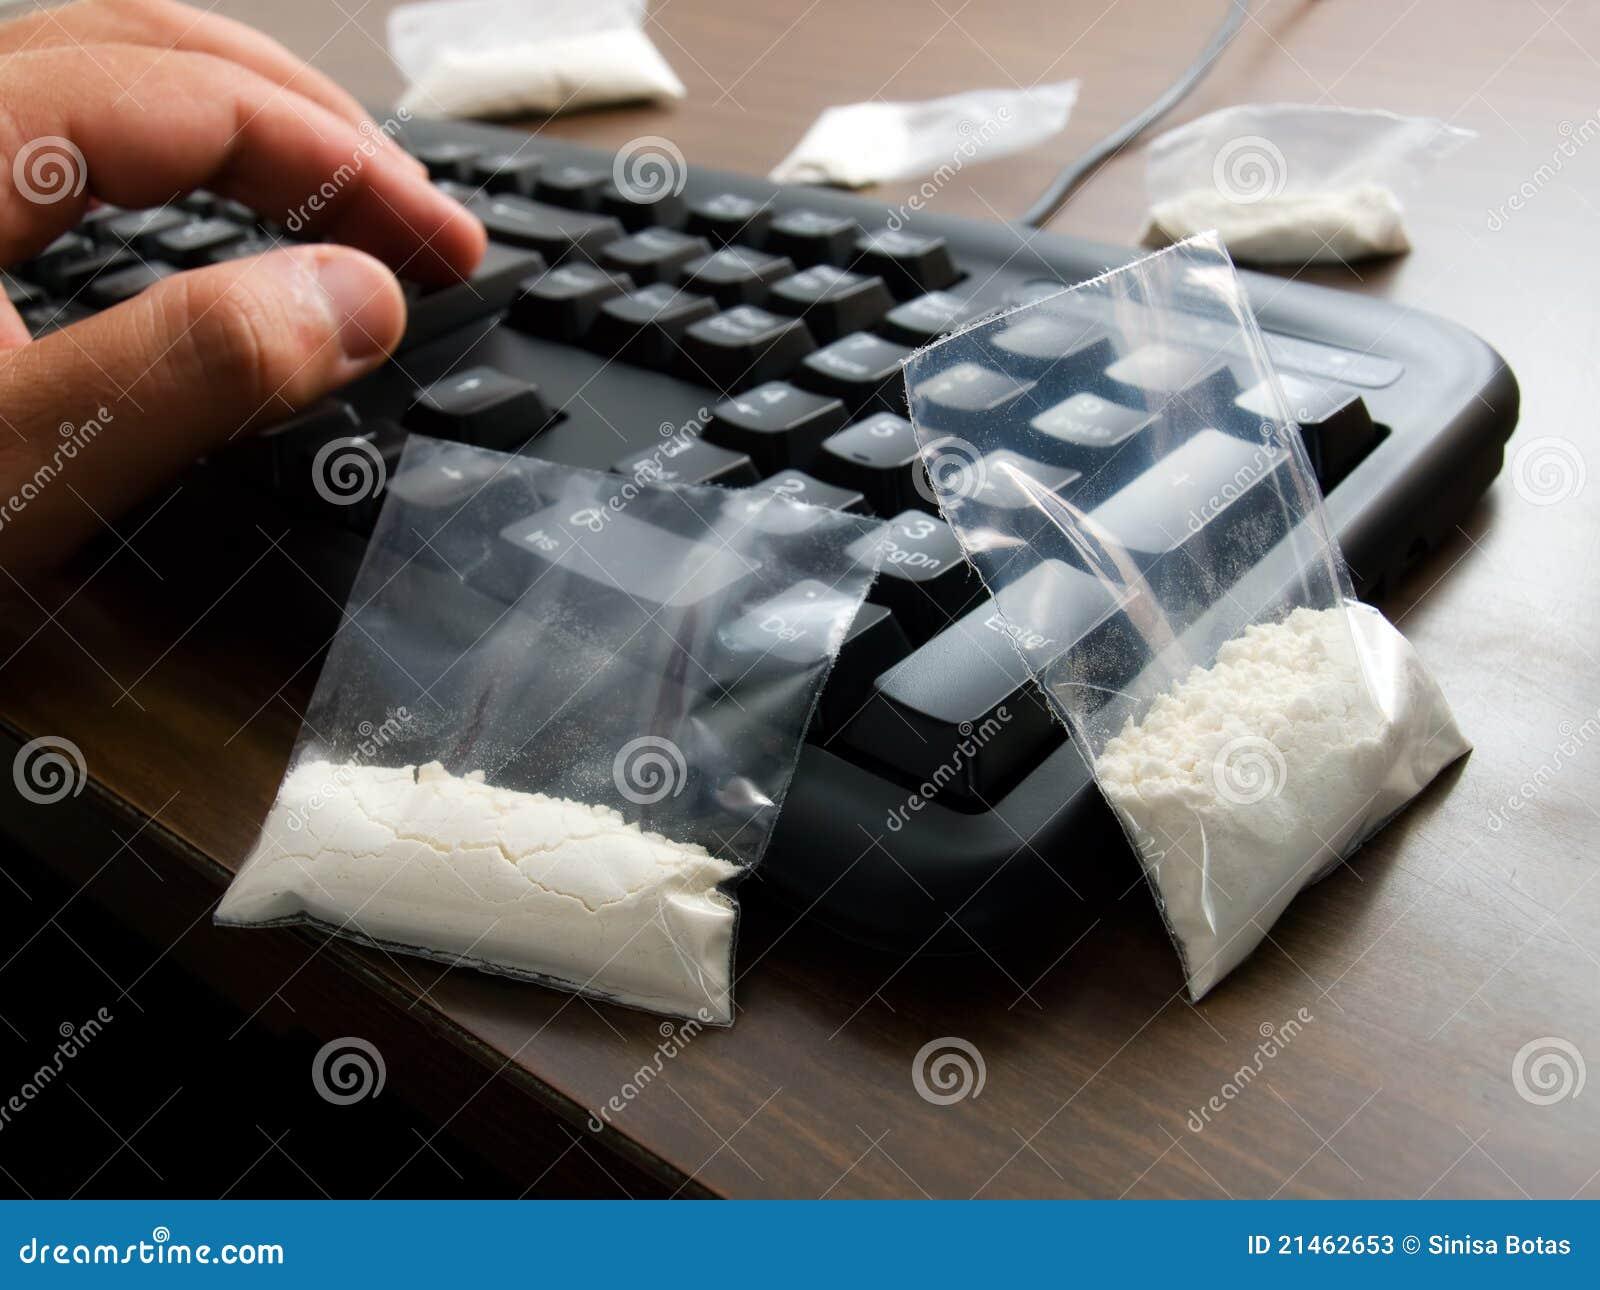 drug dealer business plan